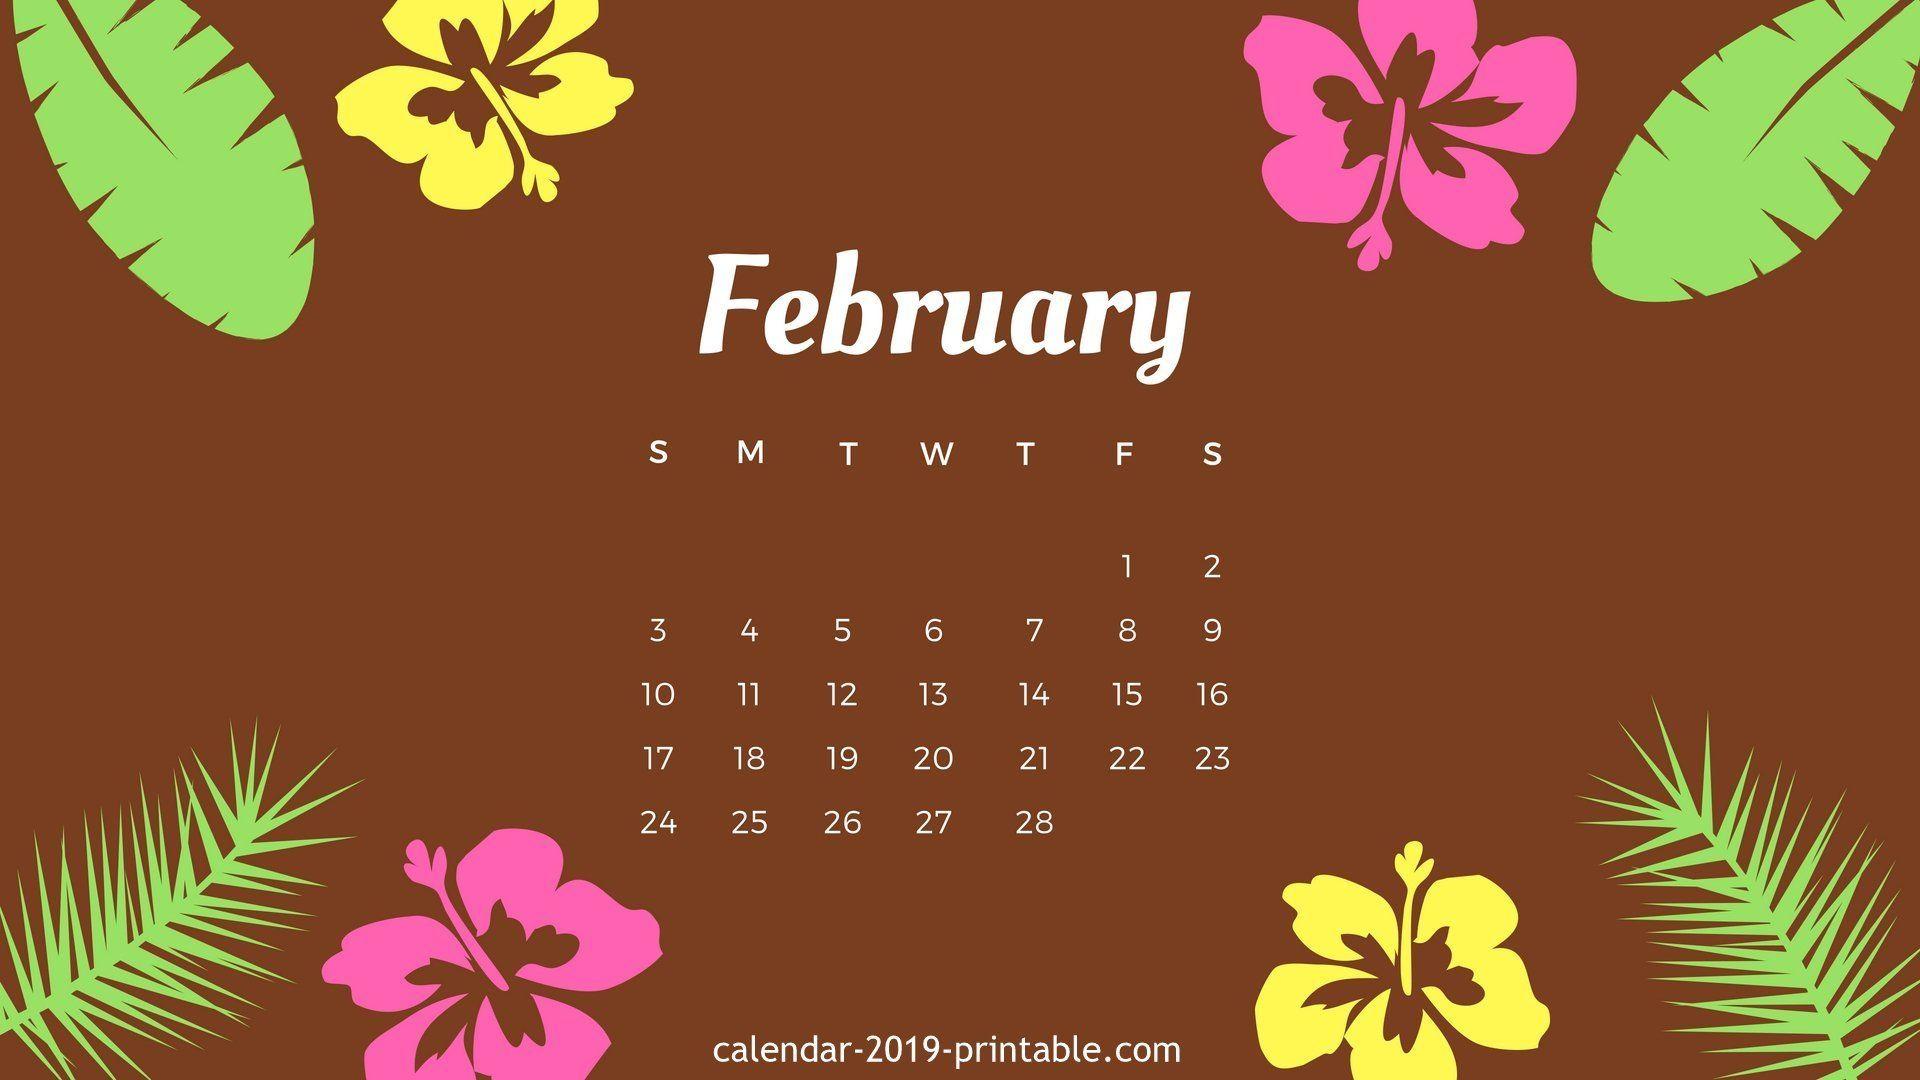 2019 February Calendar Buzz Wallpaper Calendars february 2019 hd desktop wallpaper calendar 2019 wallpapers